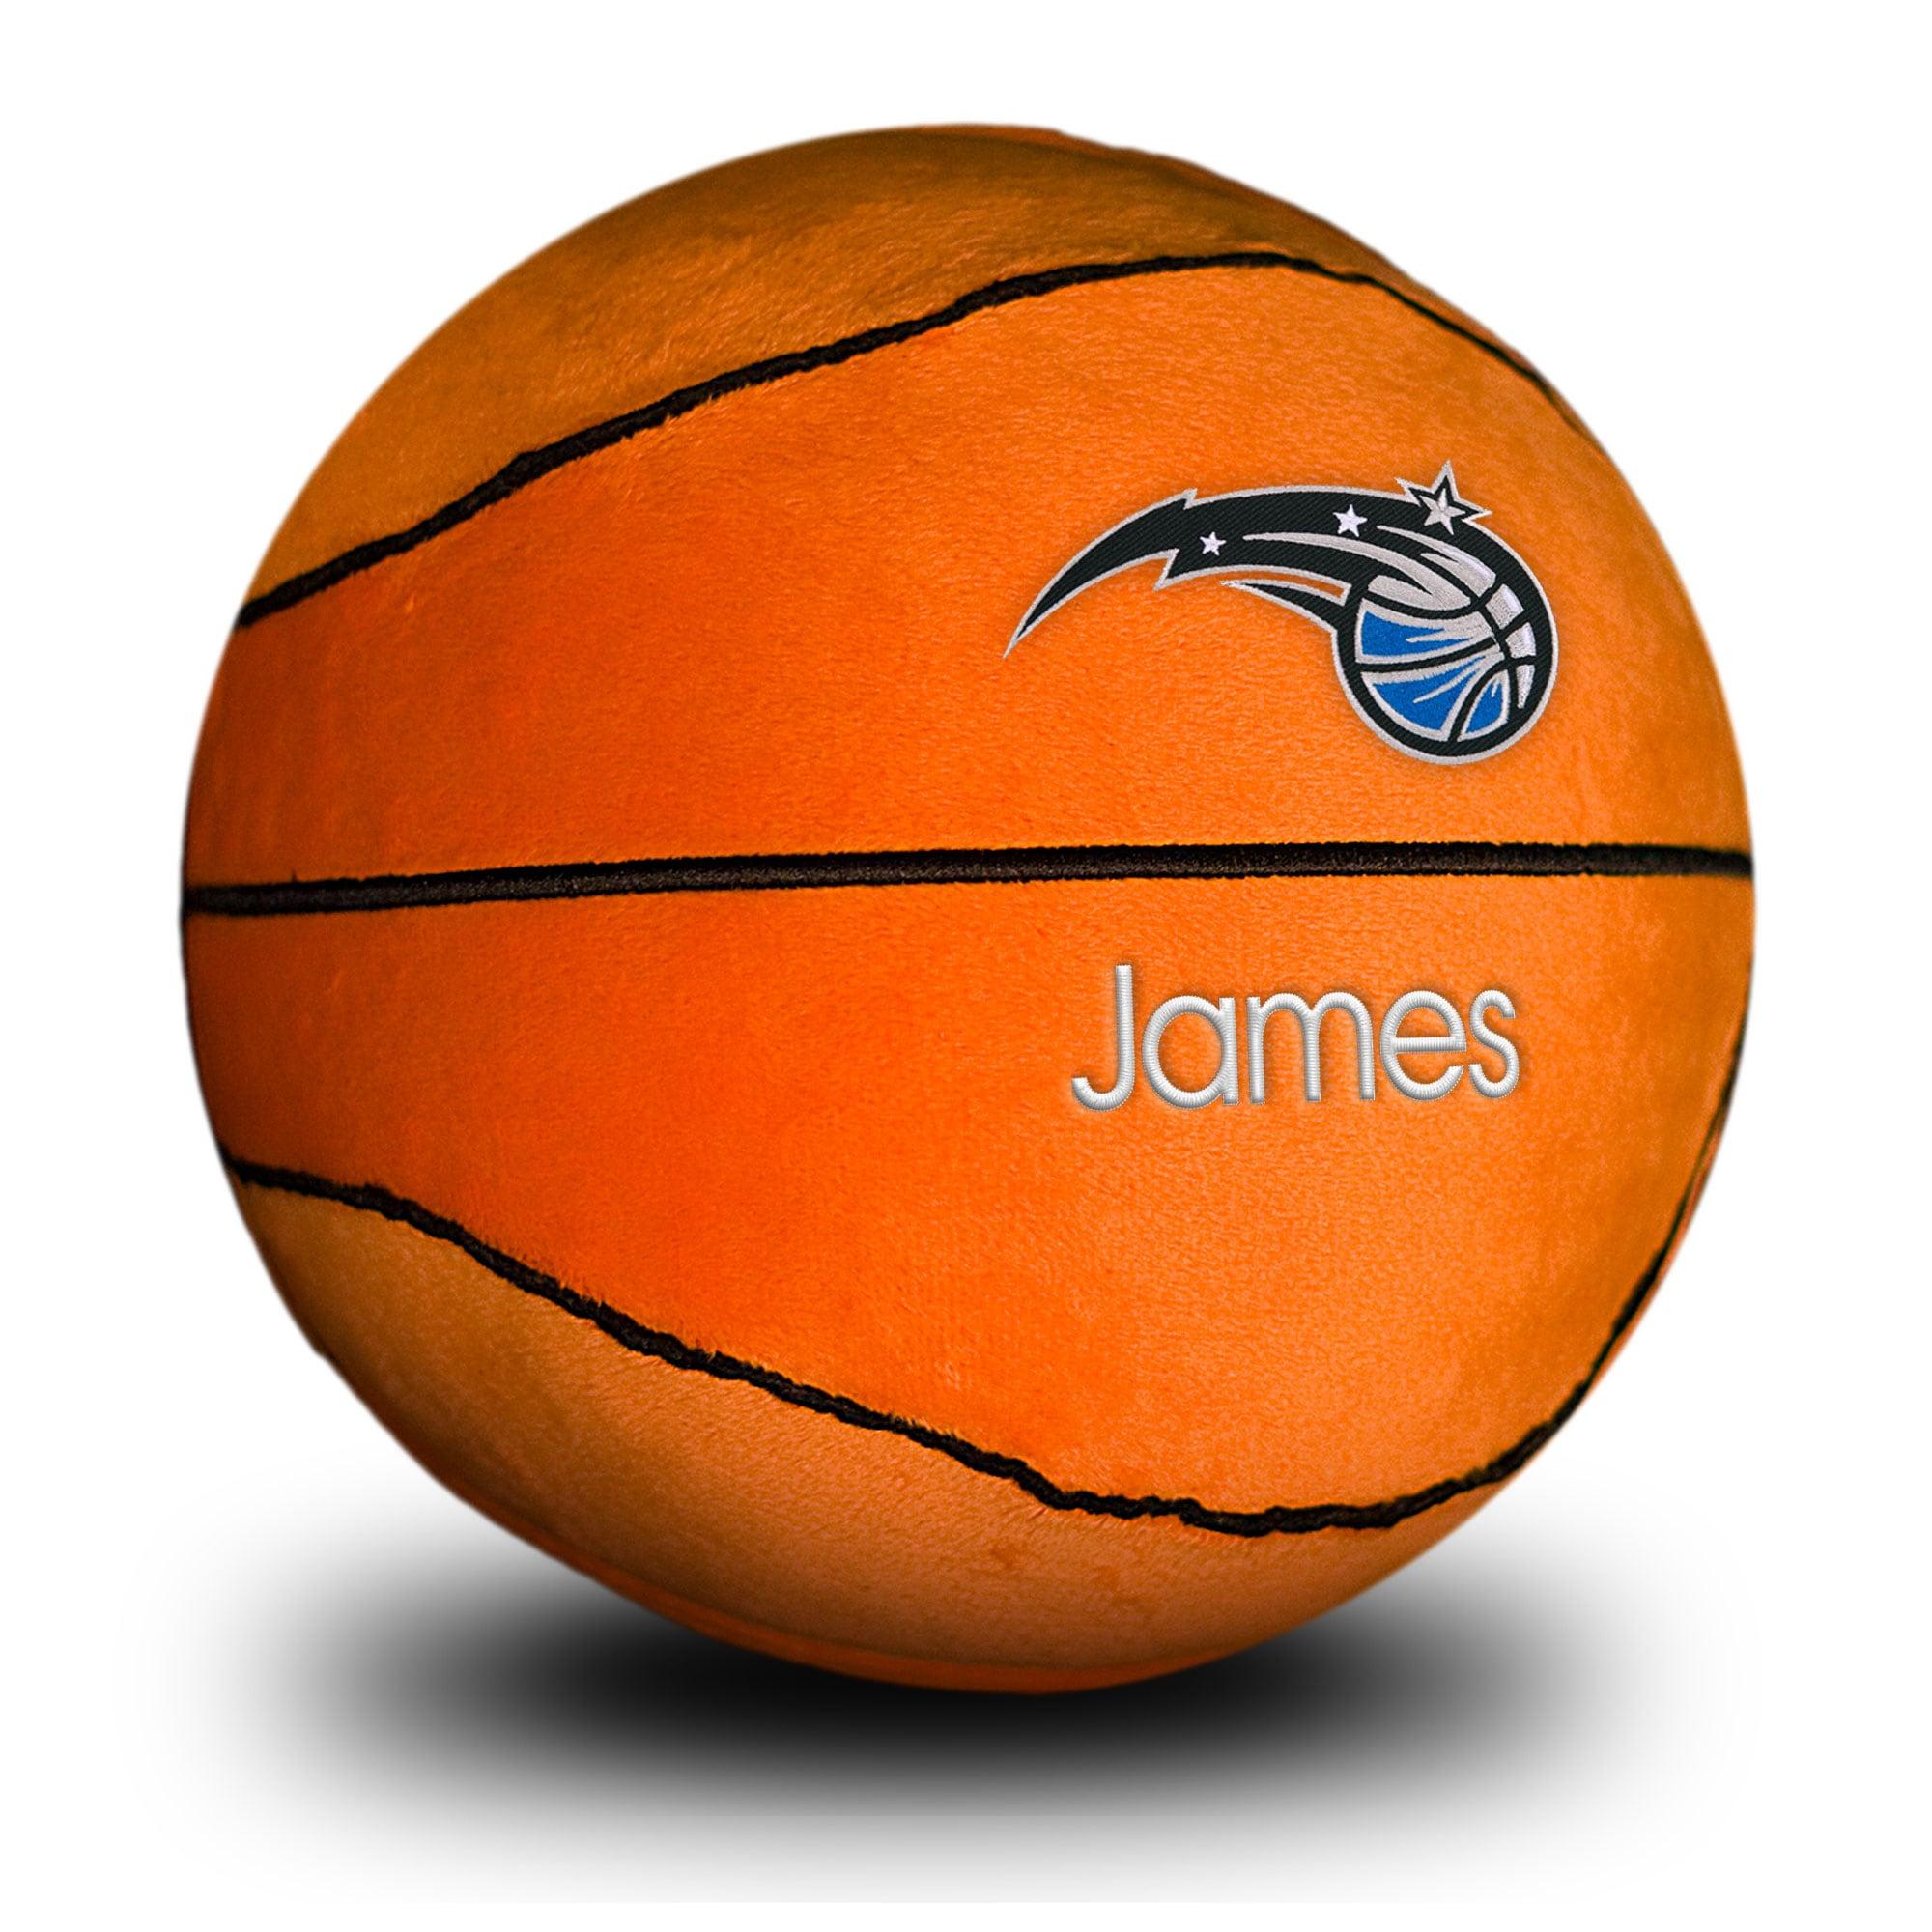 Orlando Magic Personalized Plush Baby Basketball - Orange